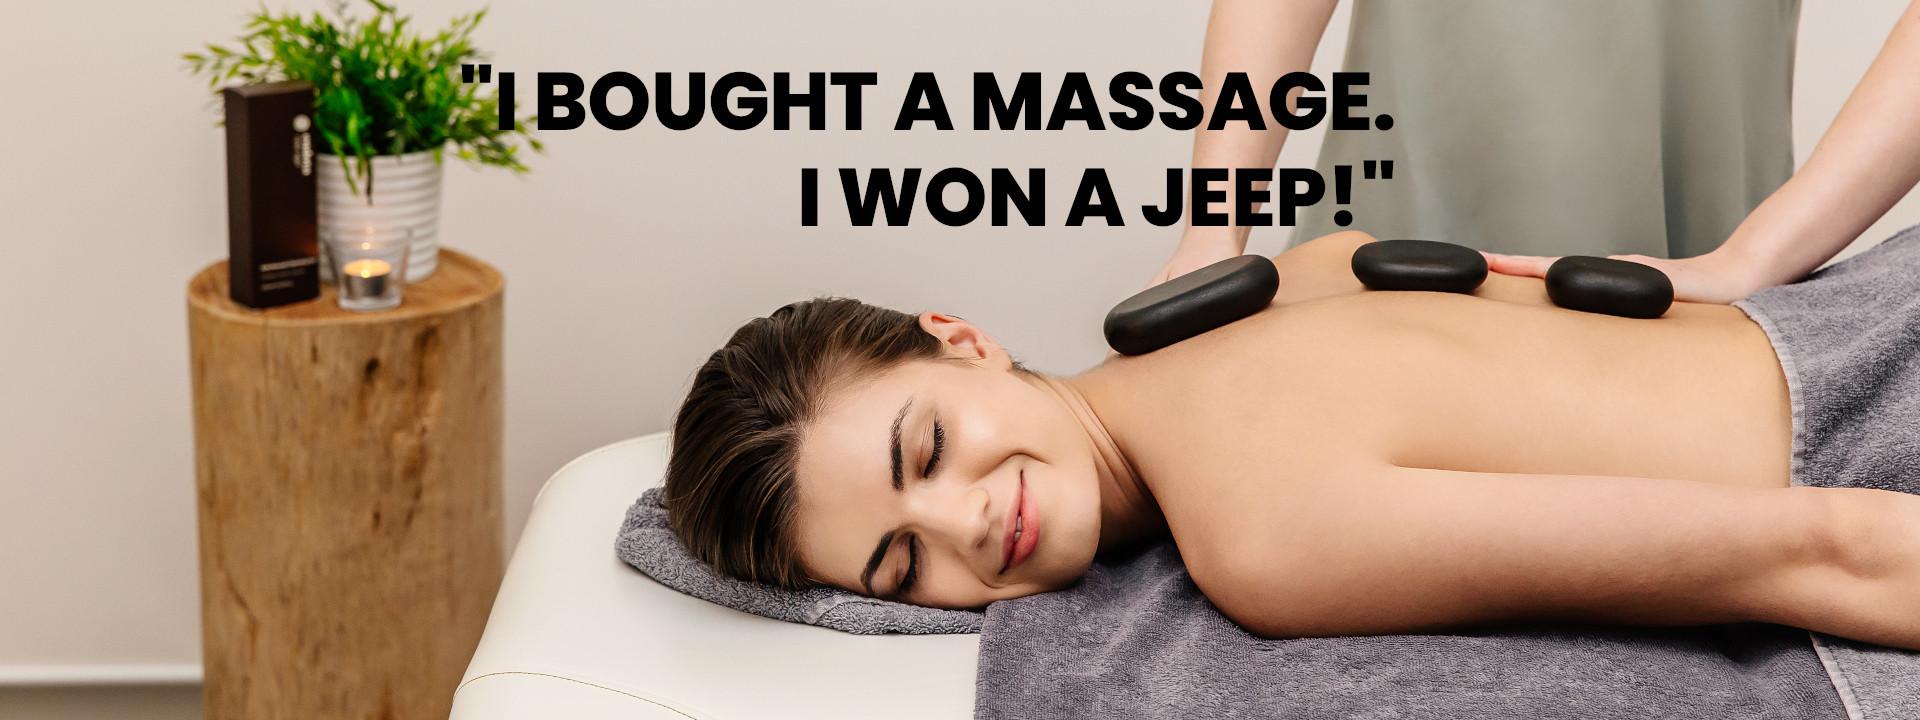 I bought a massage 1920x720 text.jpg